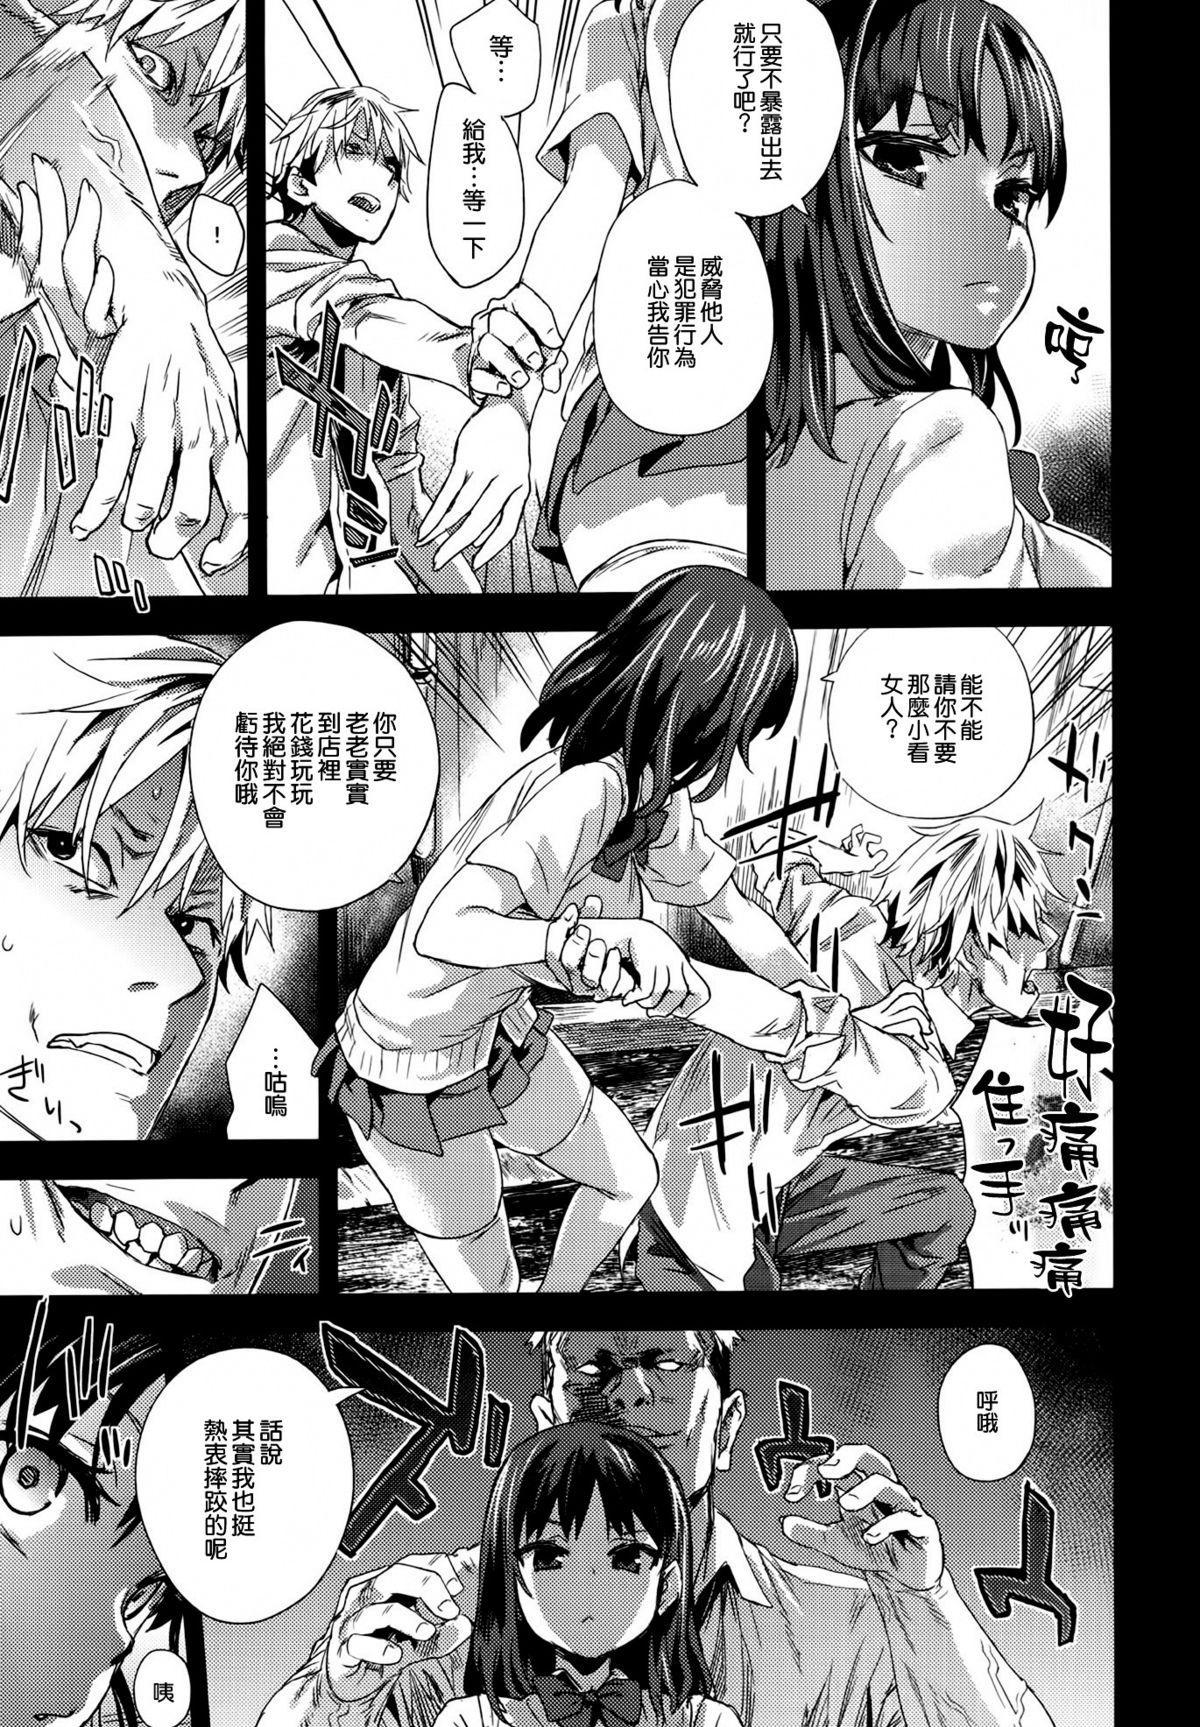 """(C87) [Fatalpulse (Asanagi)] VictimGirlsR """"JK de Refre -Flesh & Refresh-"""" [Chinese] [空気系☆漢化] 6"""